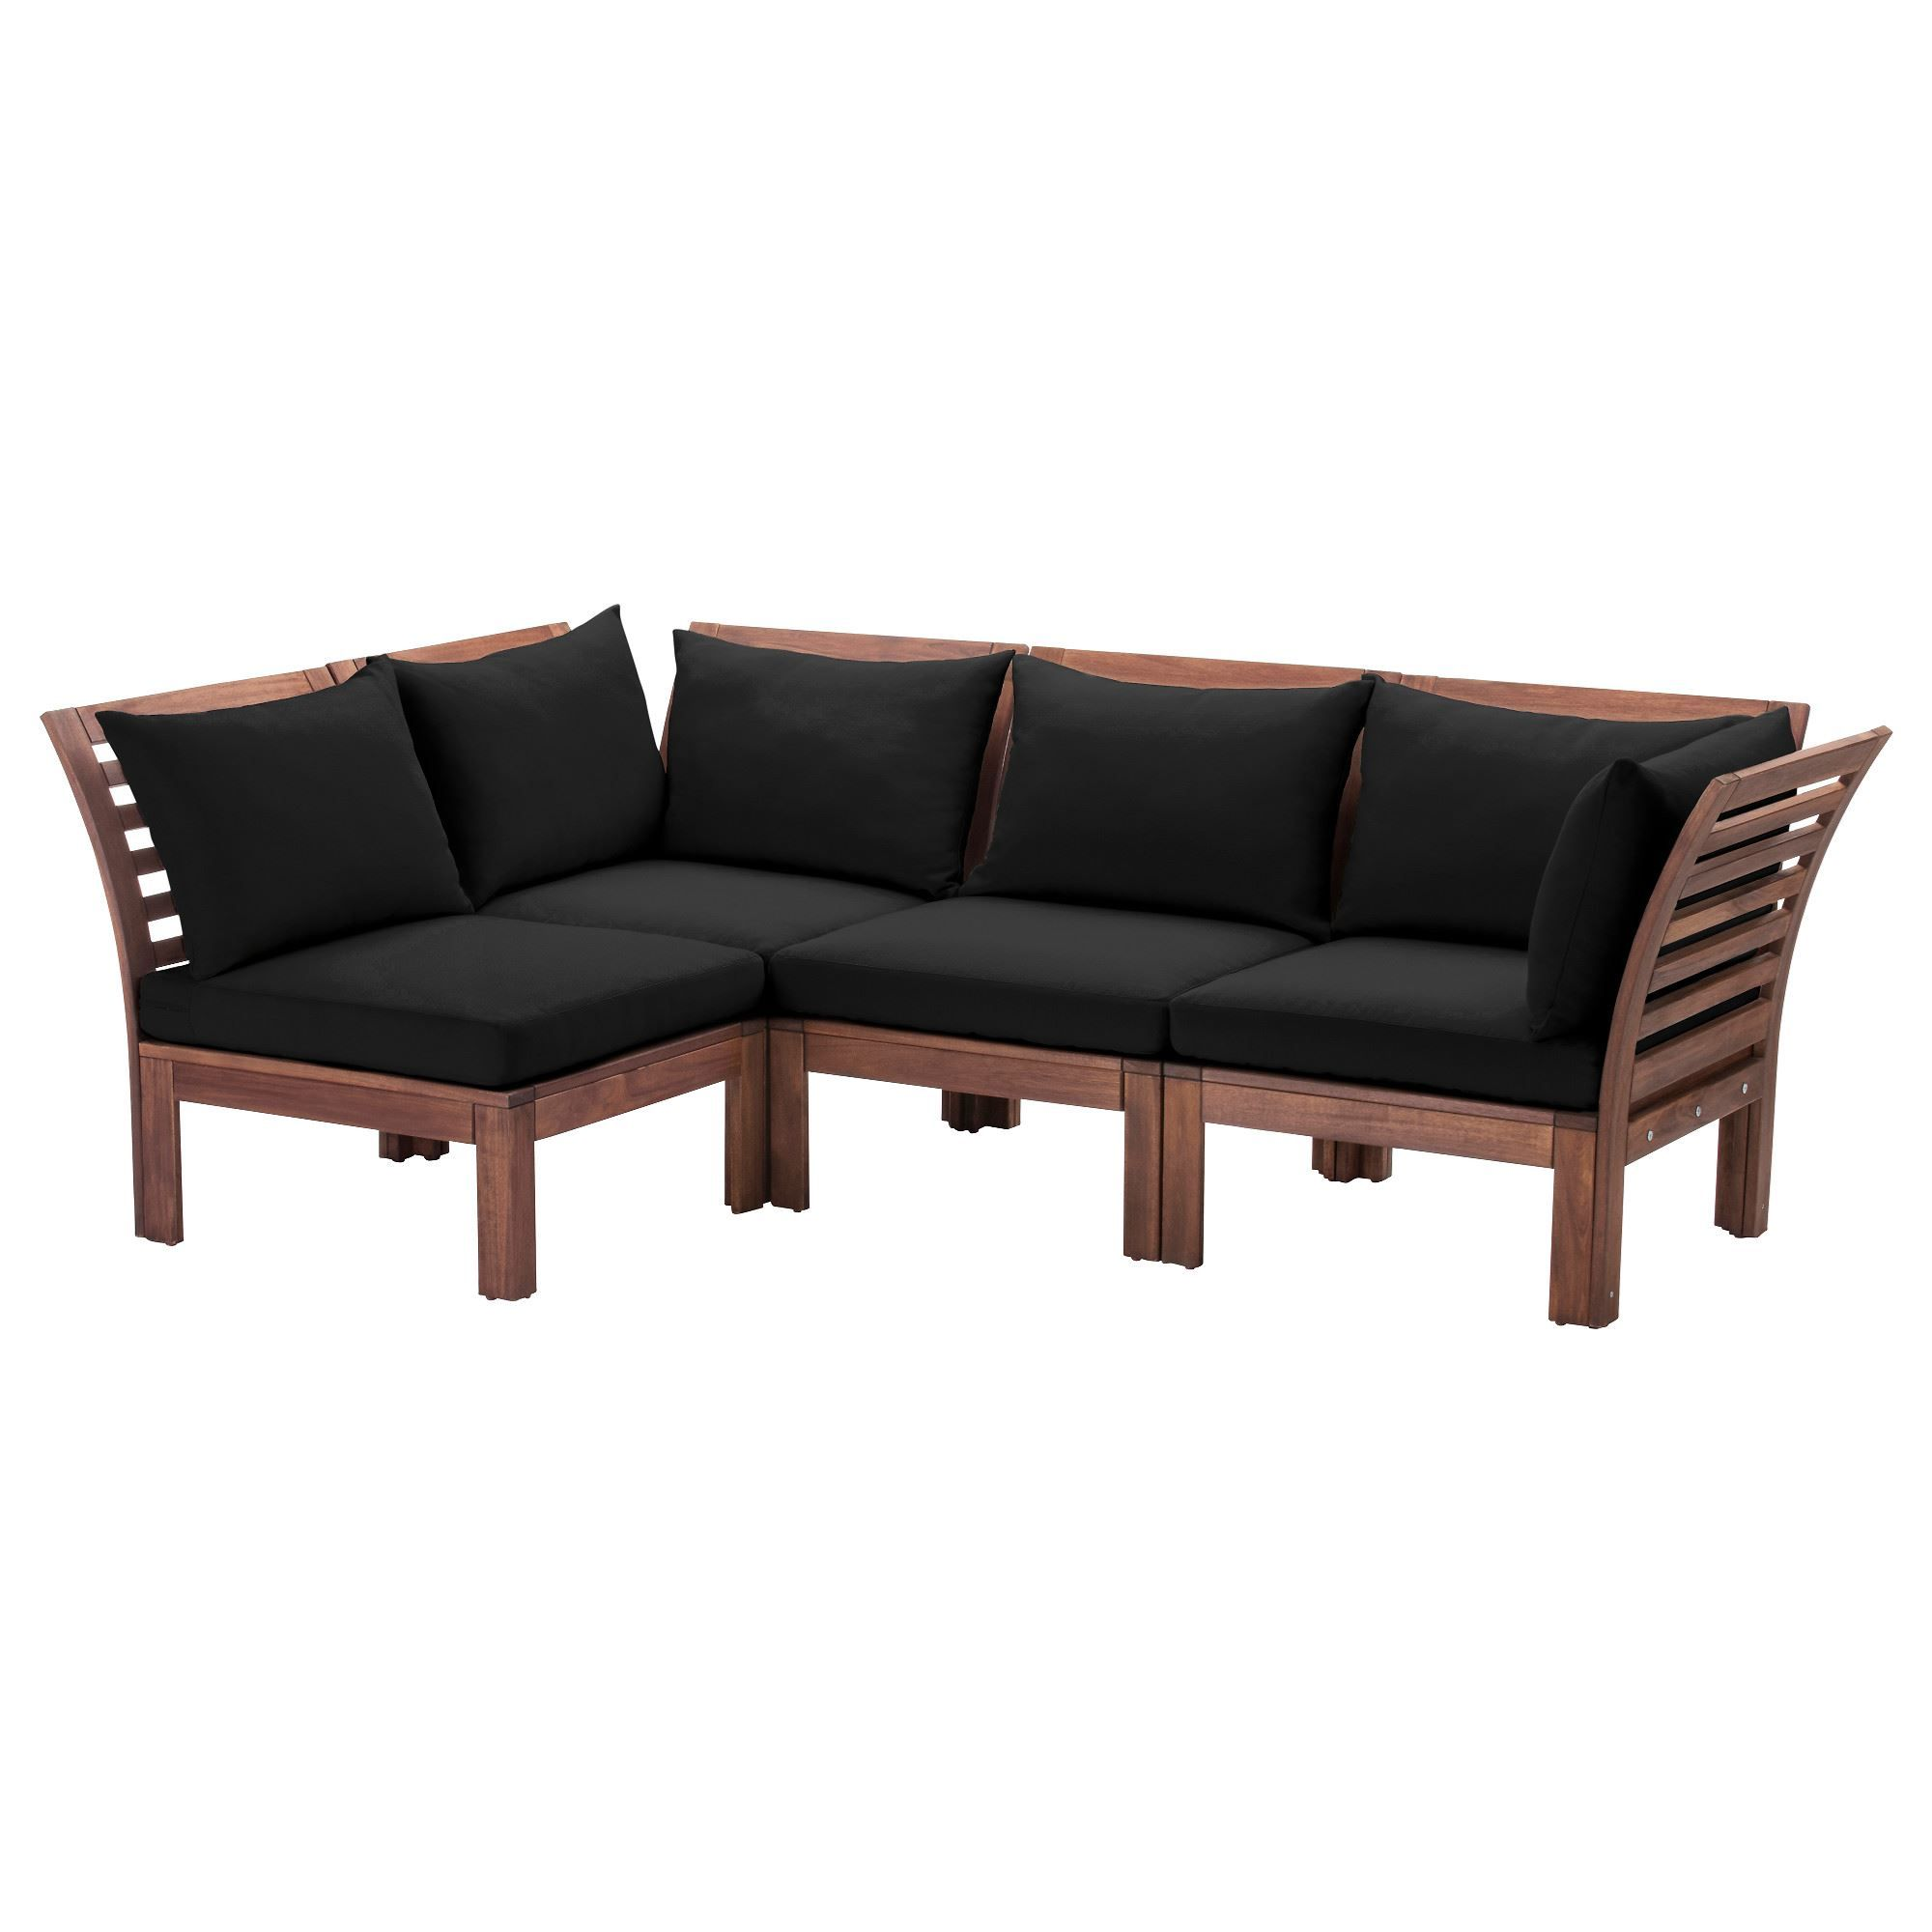 Applaro Hallo 3 Lu Kanepe Ve Tekli Koltuk Kahverengi Siyah Tekli Koltuk Mobilya Fikirleri Ikea Fikirleri